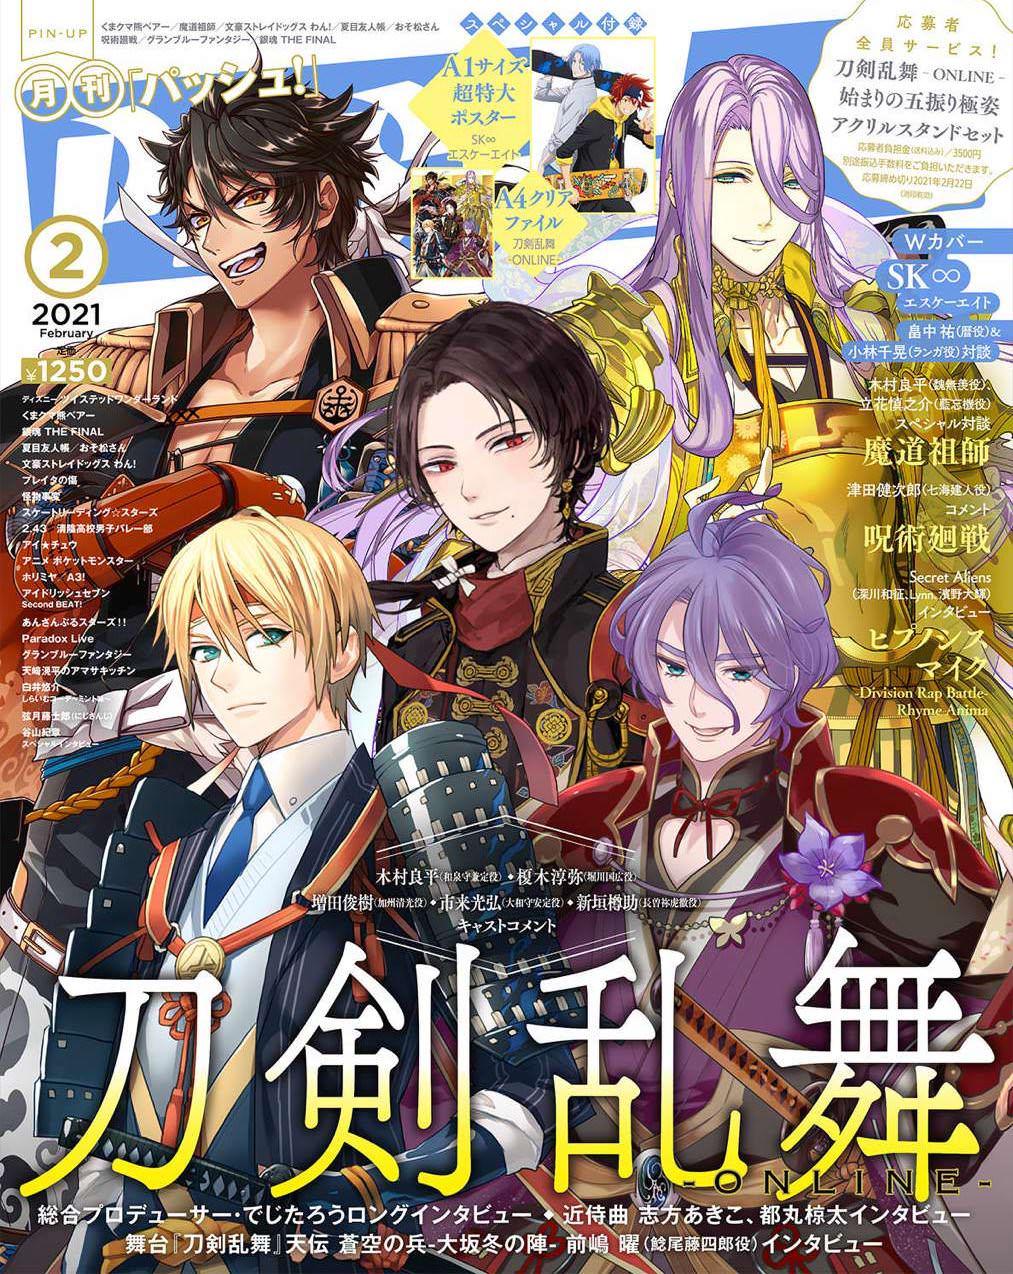 PASH!(パッシュ) 2月号 1.9発売! 表紙&特別付録にとうらぶ登場!